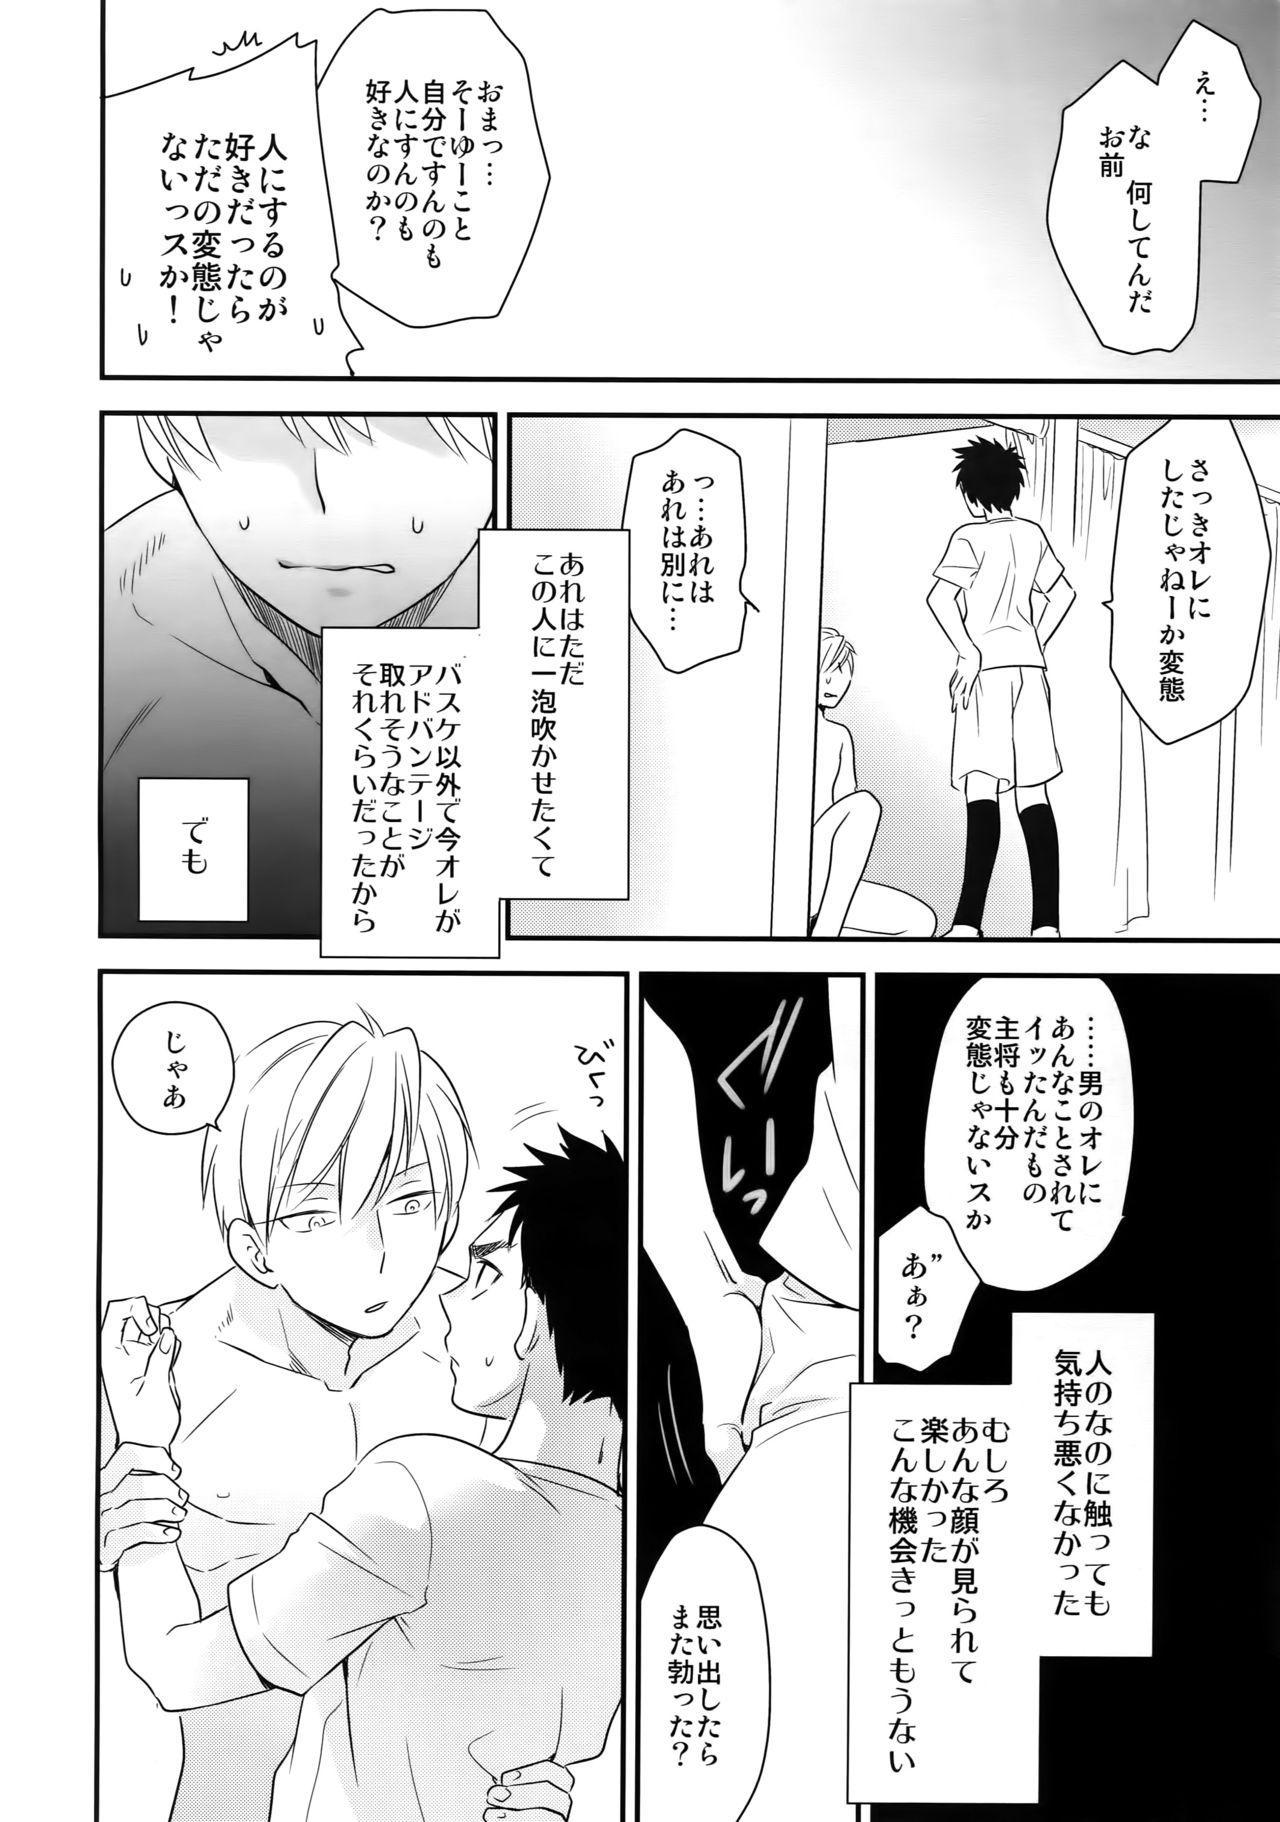 [Bakuchi Jinsei SP (Satsuki Fumi)] Kanpeki Kareshi to Zettai Ryouiki Ouji-sama - Another Version - (Kuroko no Basket) 30